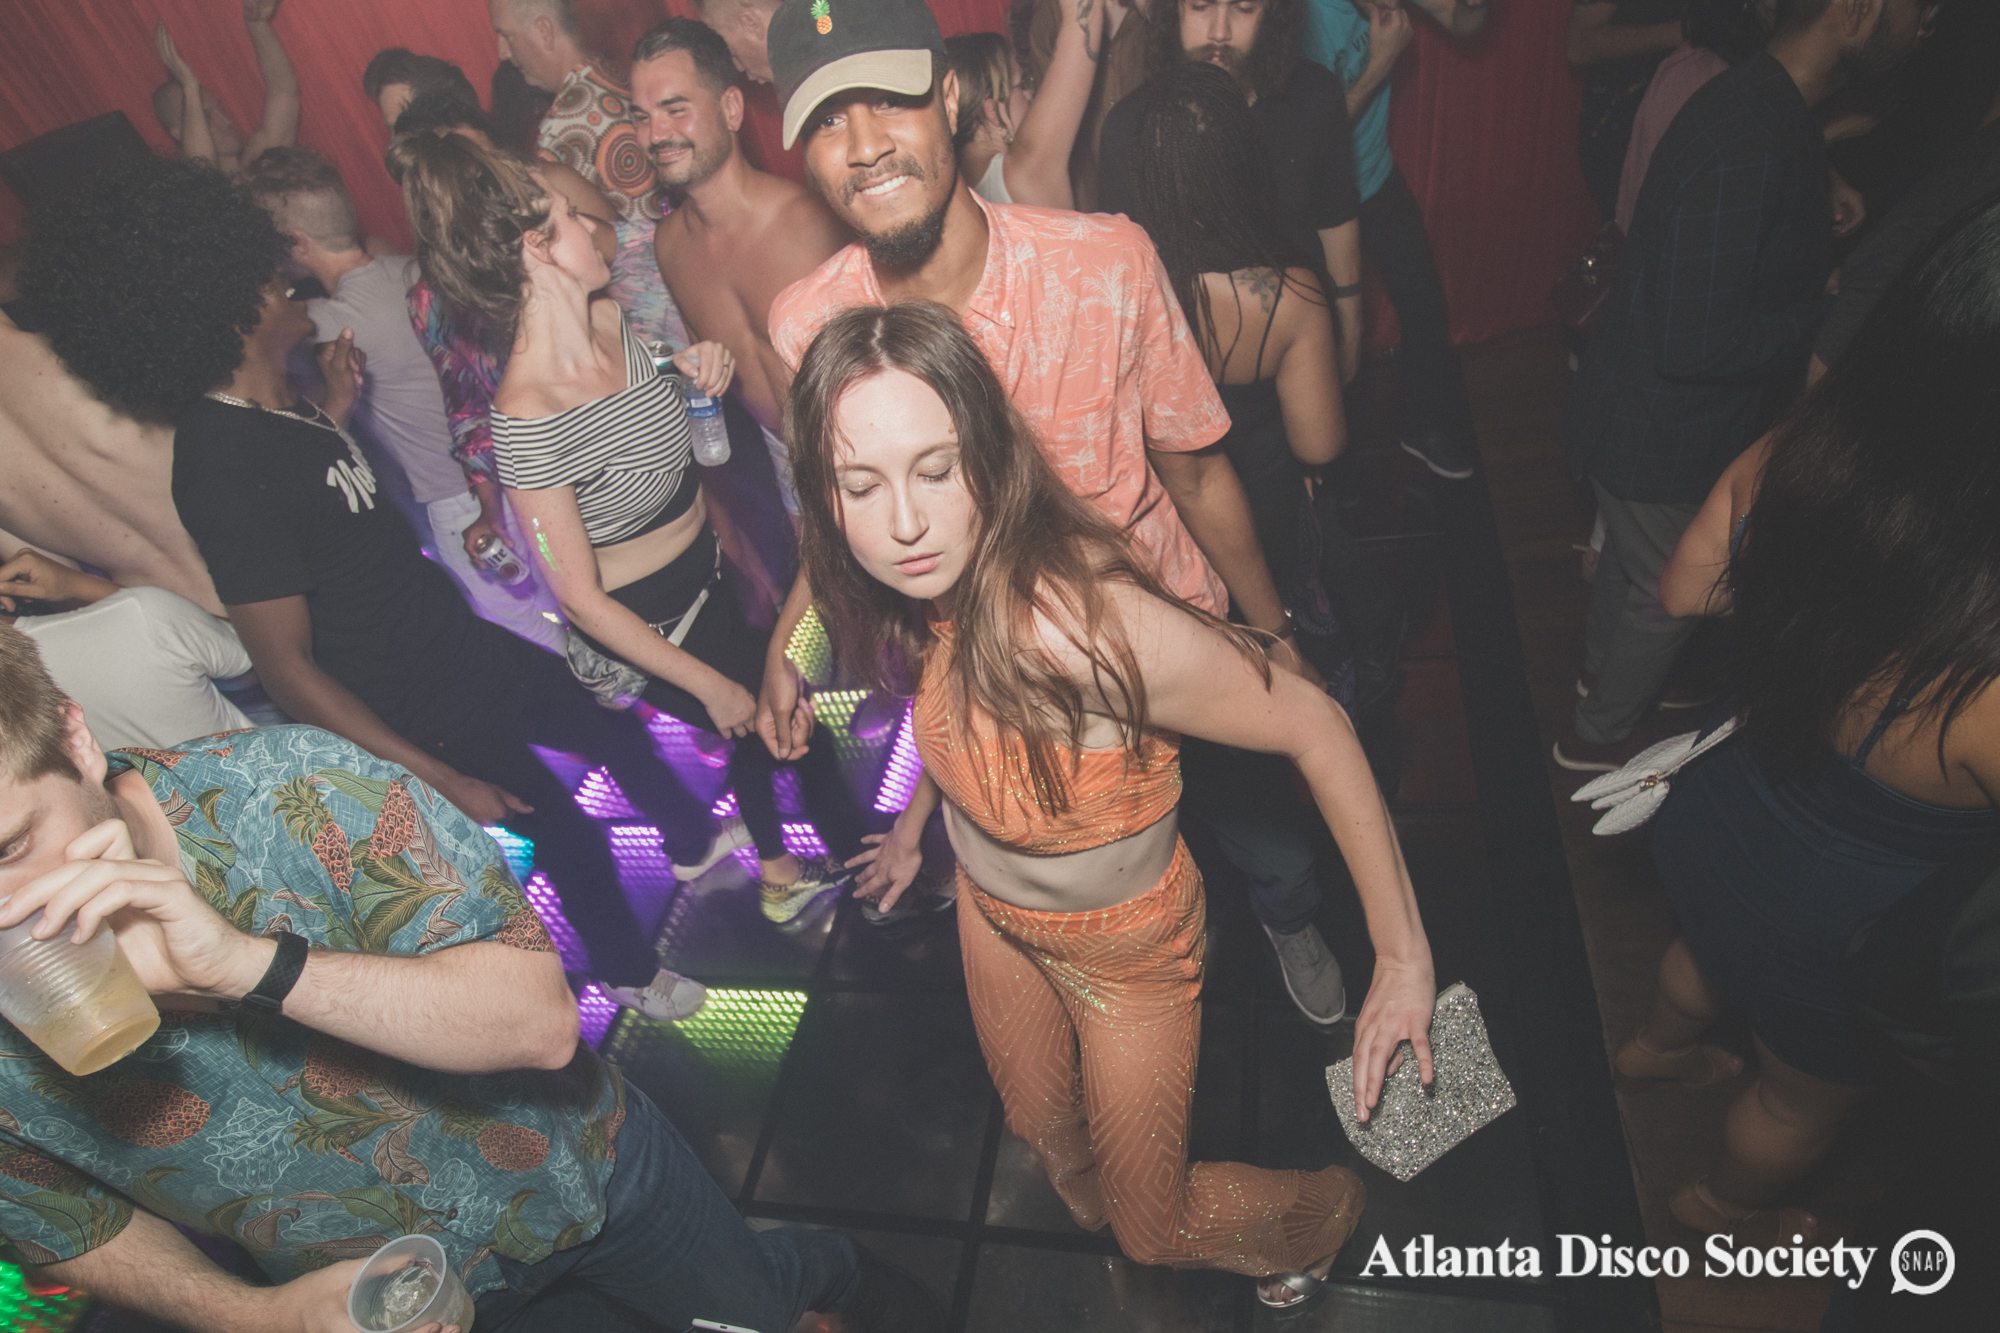 89Atlanta Disco Society Grace Kelly Oh Snap Kid 7.27.19.jpg